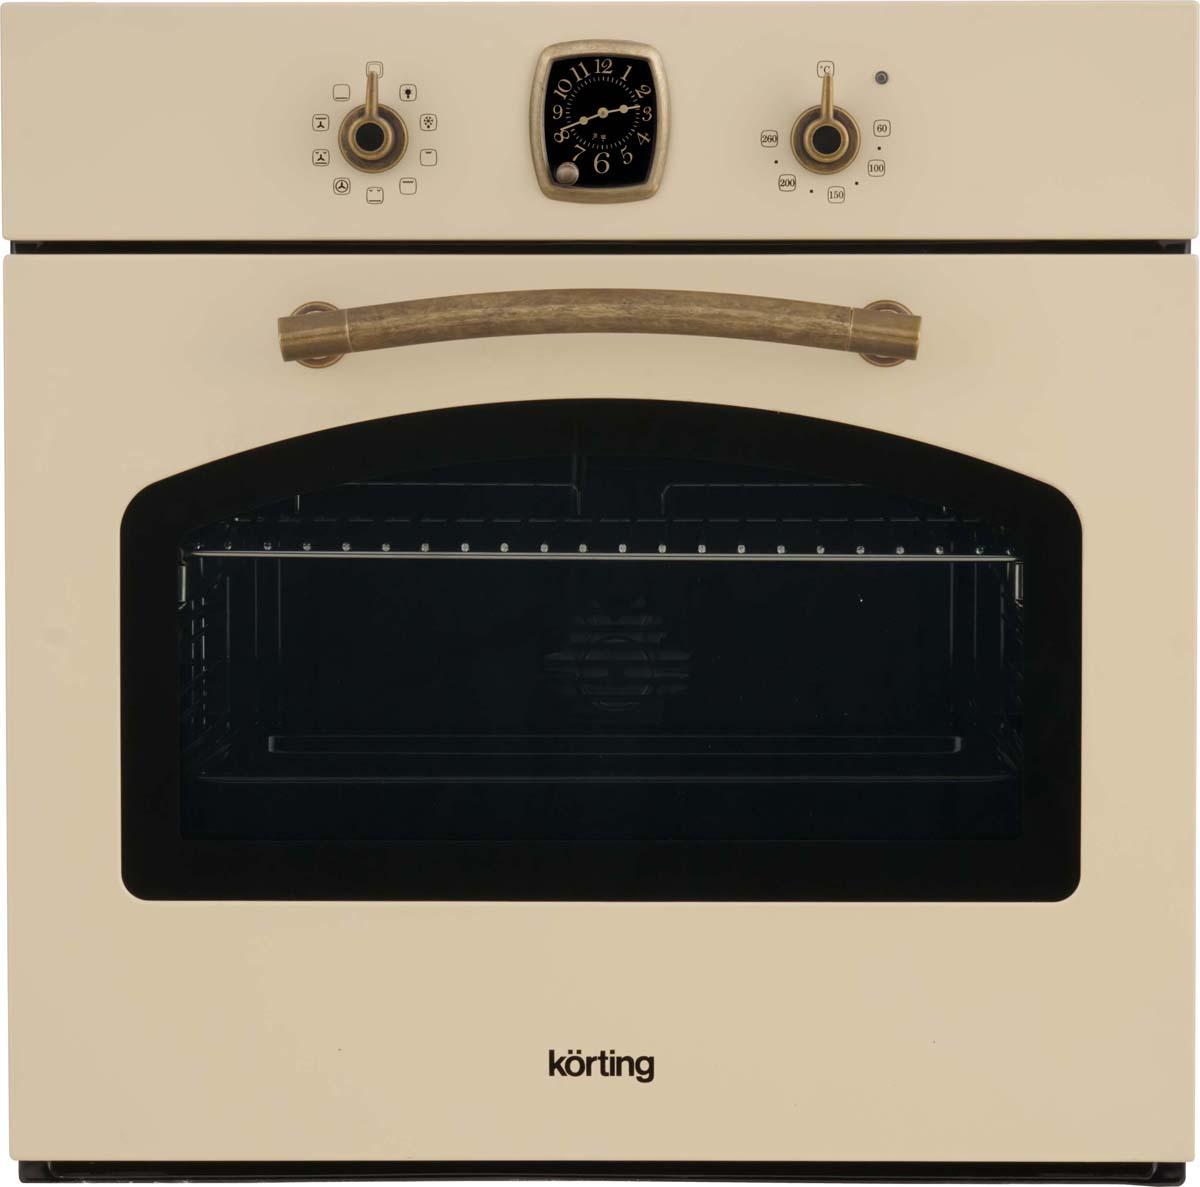 Korting OKB 481 CRB, Ivory электрический духовой шкаф встраиваемый